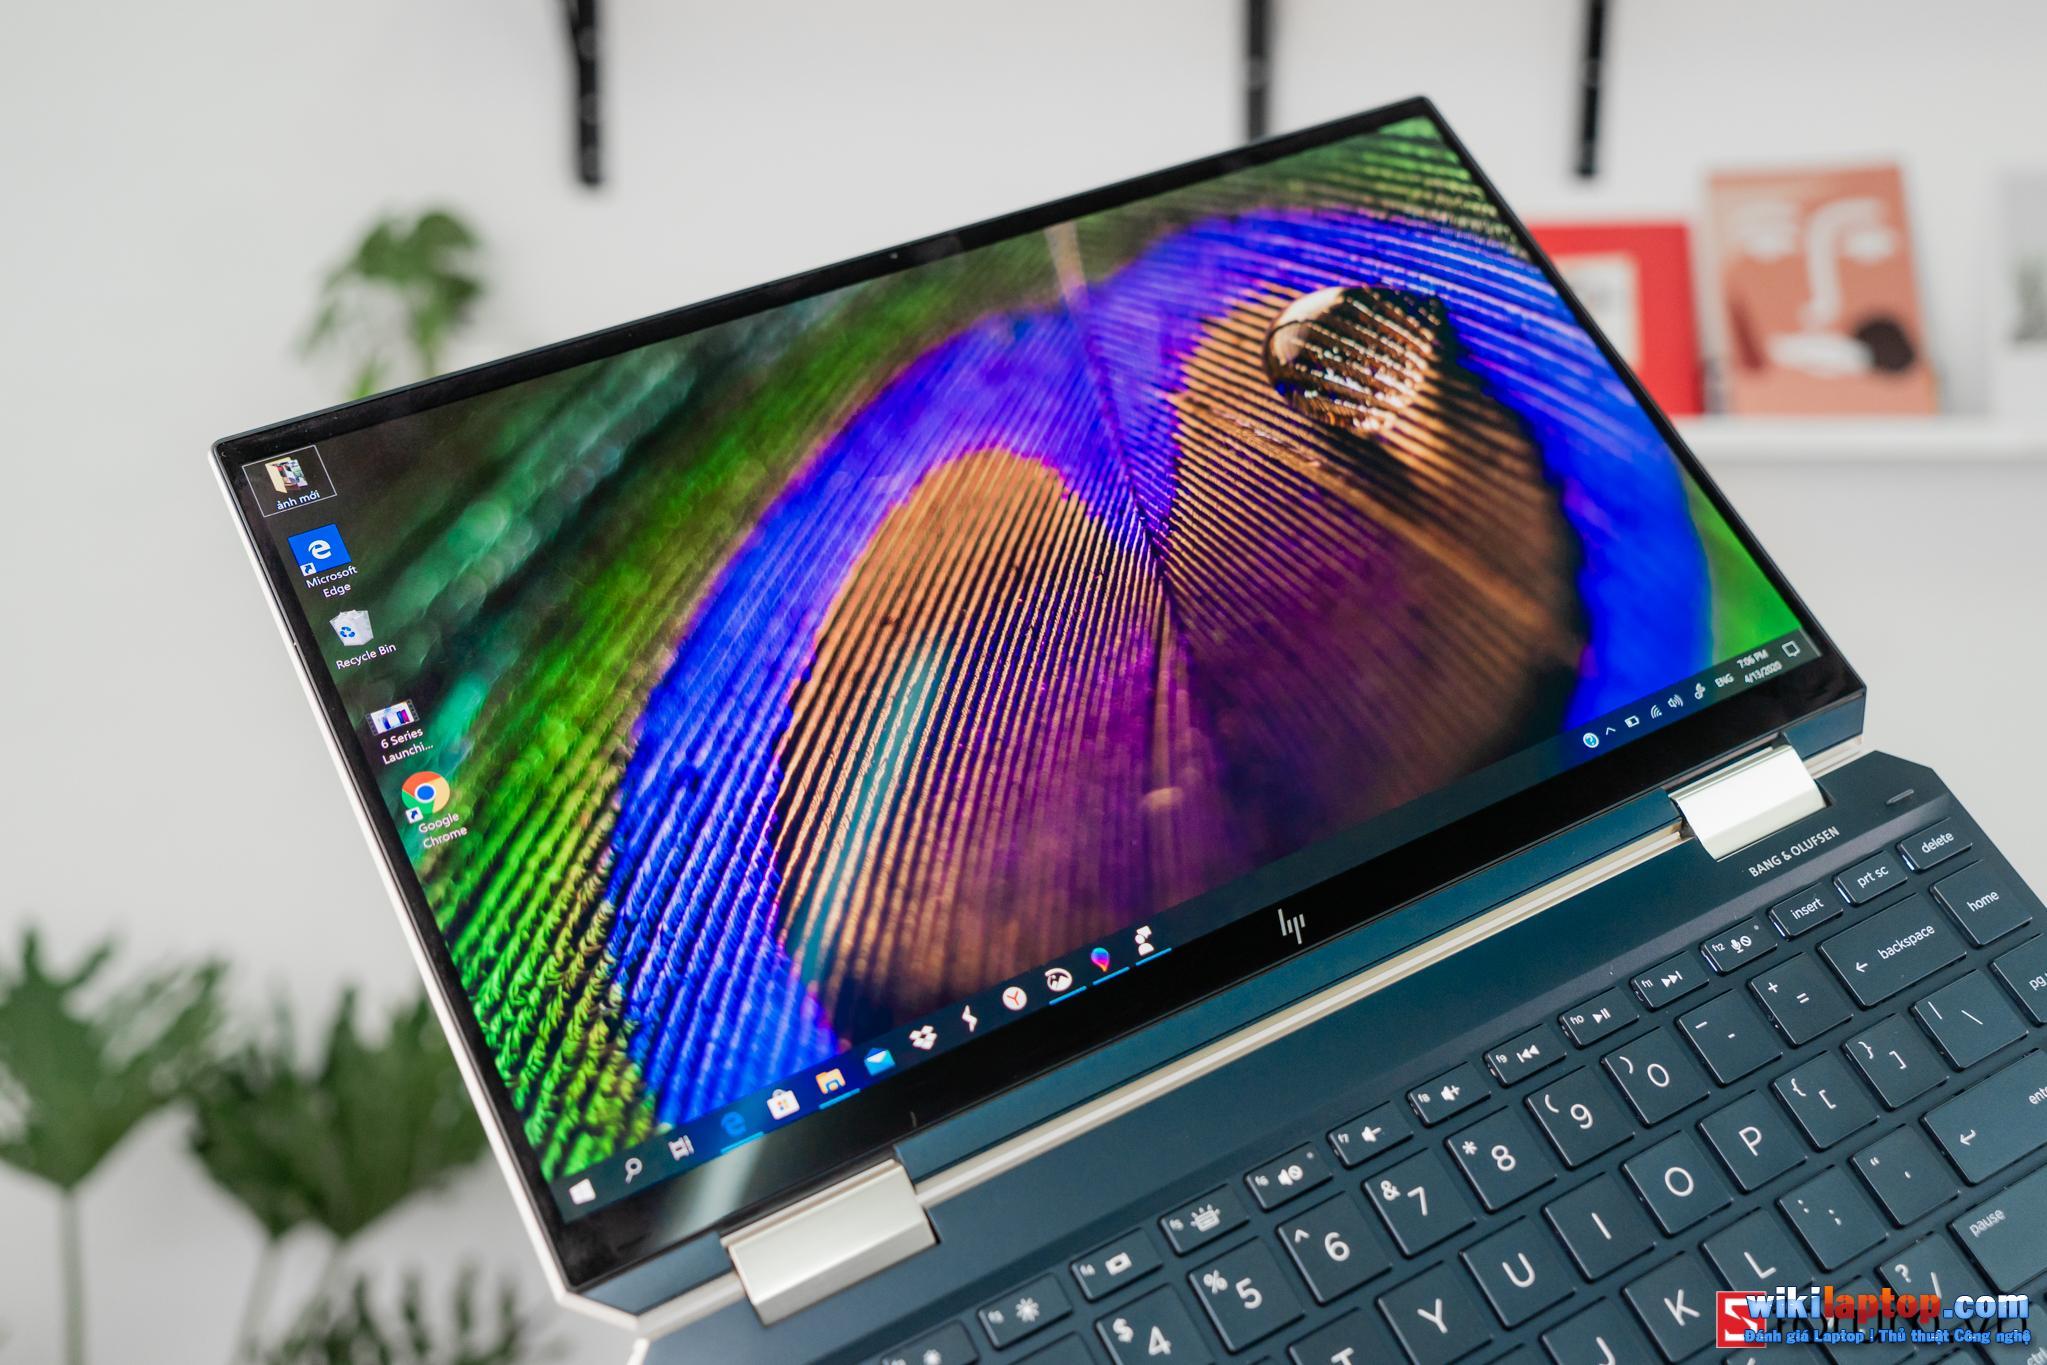 Sforum - Trang thông tin công nghệ mới nhất CPS-HP-Specter-X360-13-68 Đánh giá chi tiết HP Spectre x360 13: Cái gì bên trong một chiếc Laptop có giá gần 50 triệu HP?